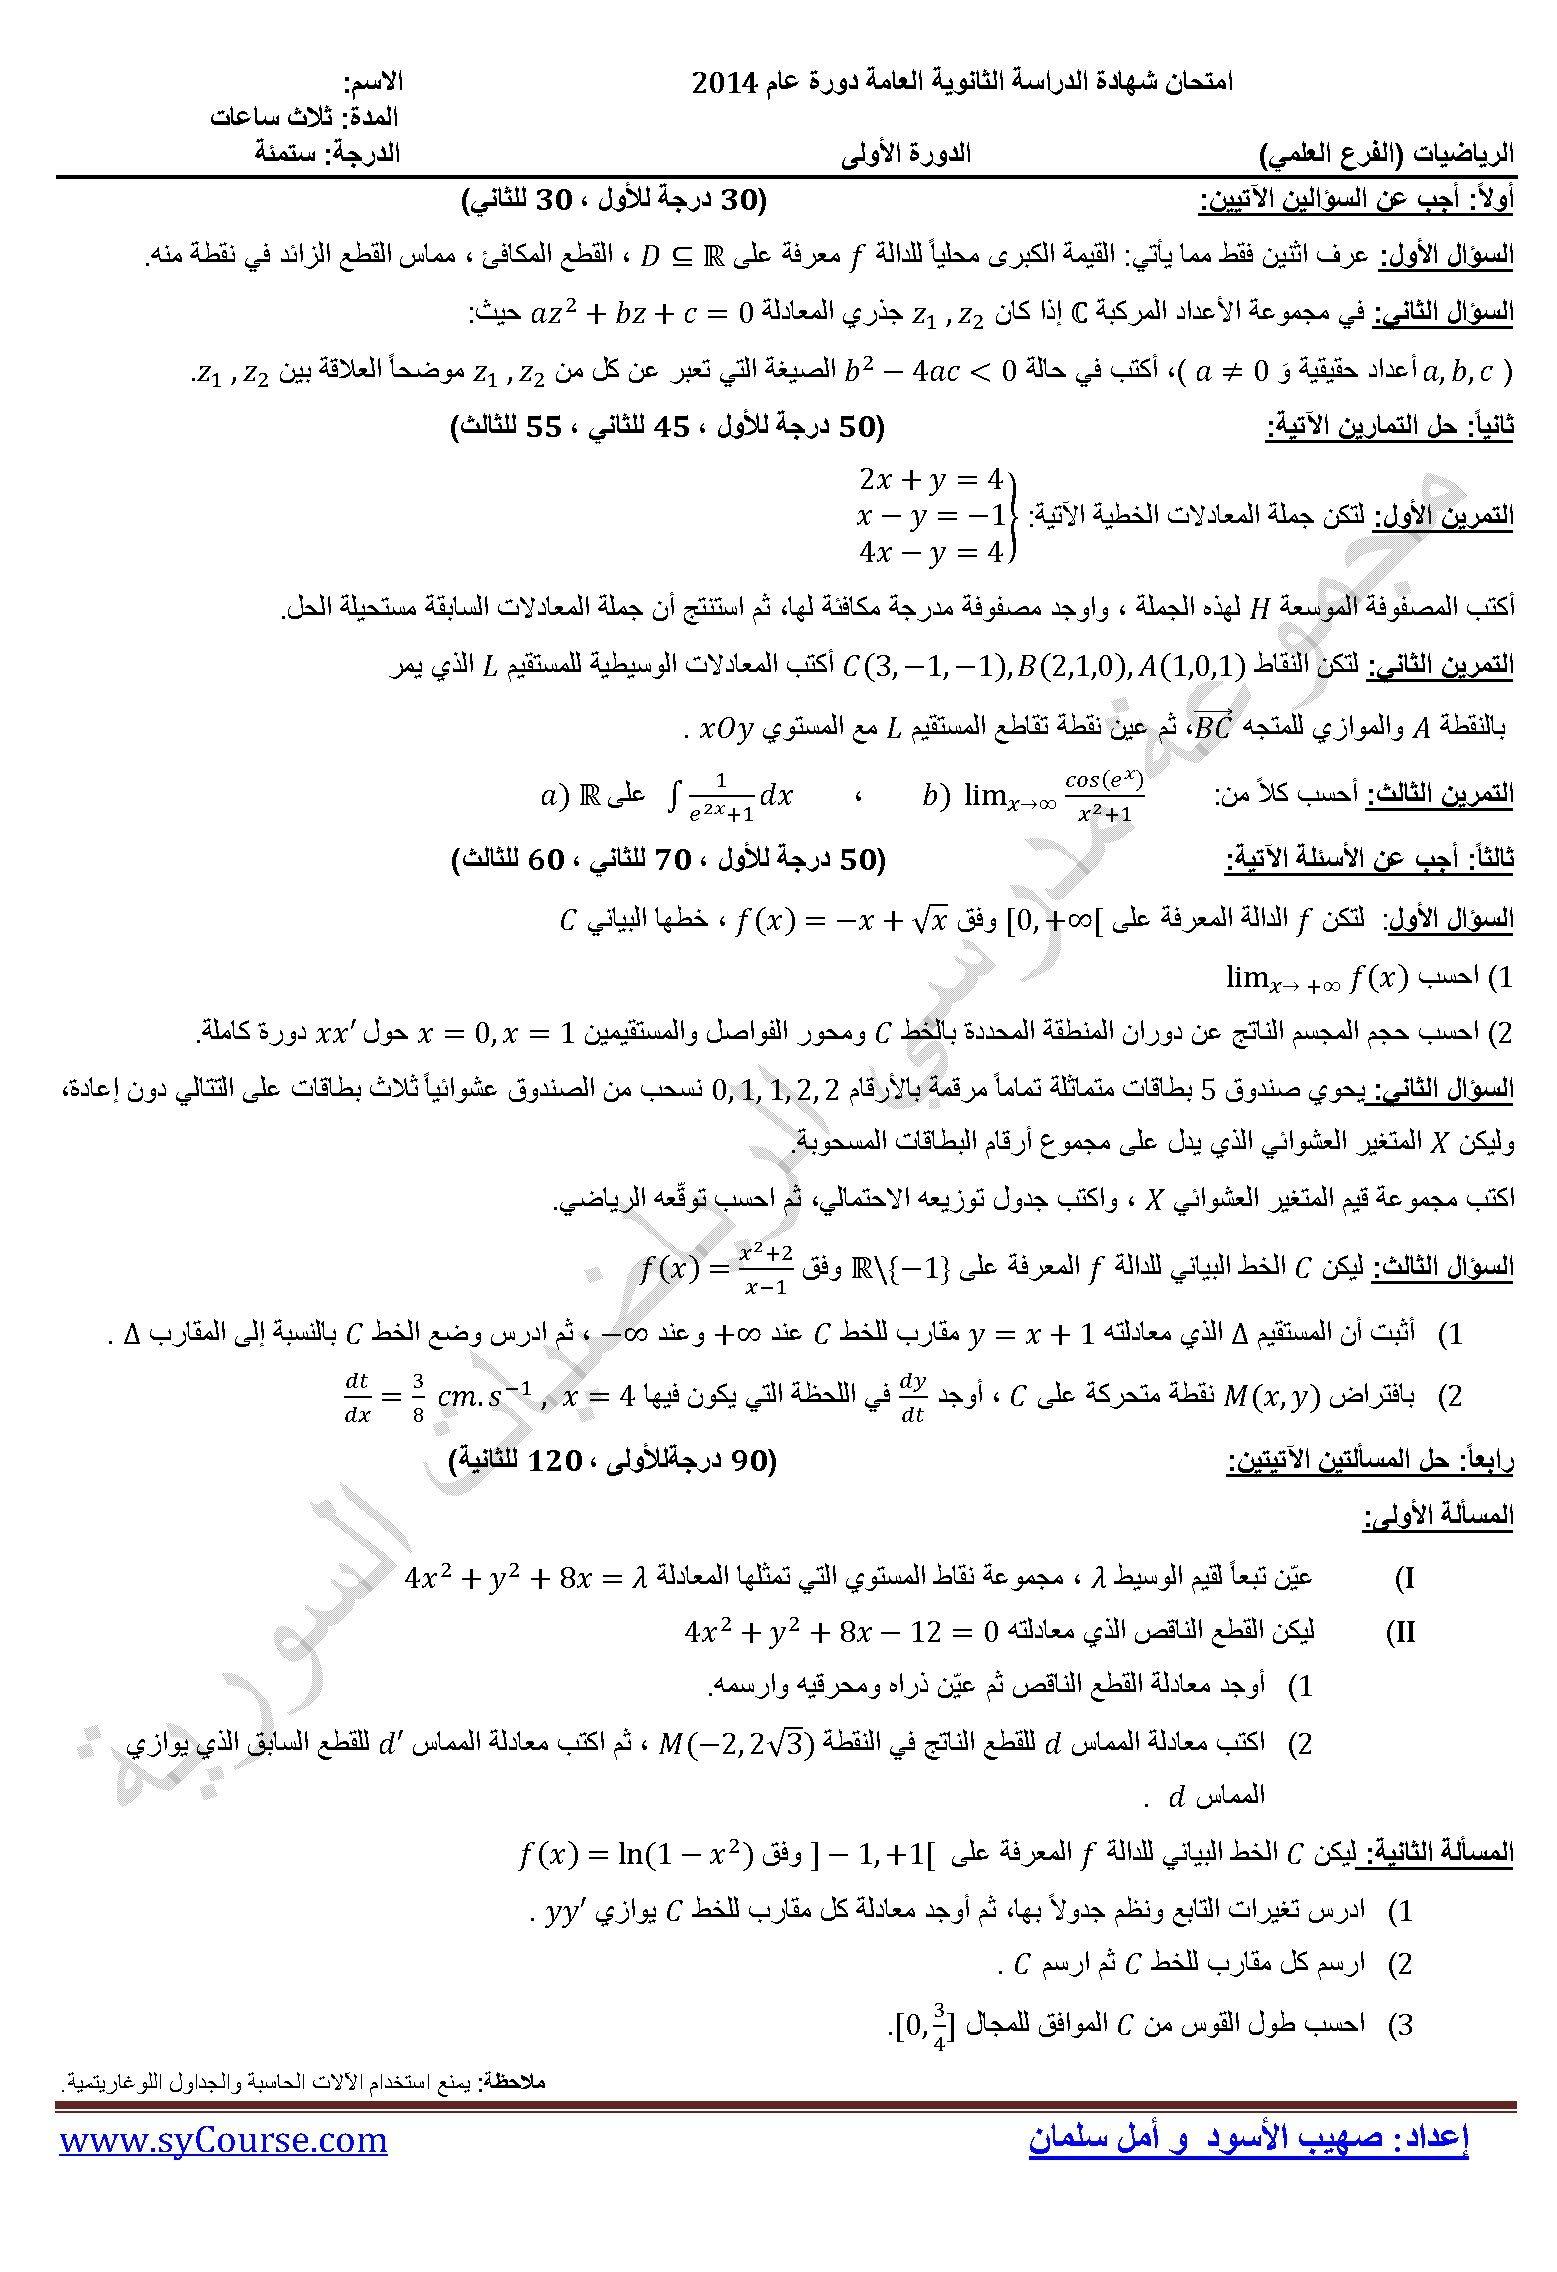 اسئلة امتحان مادة الرياضيات بكالوريا سوريا الفرع العلمي ورقة الامتحان 1464368464462.jpg